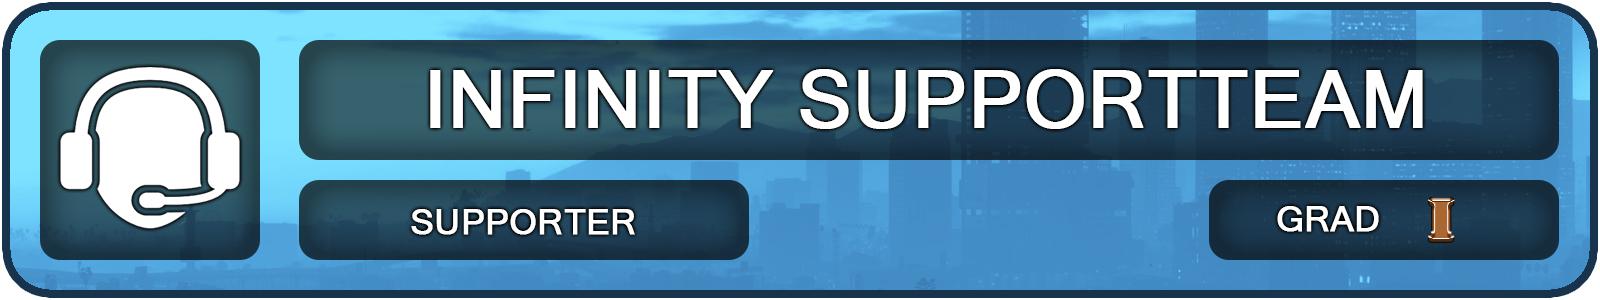 Supporter-Signatur-S-1.jpg